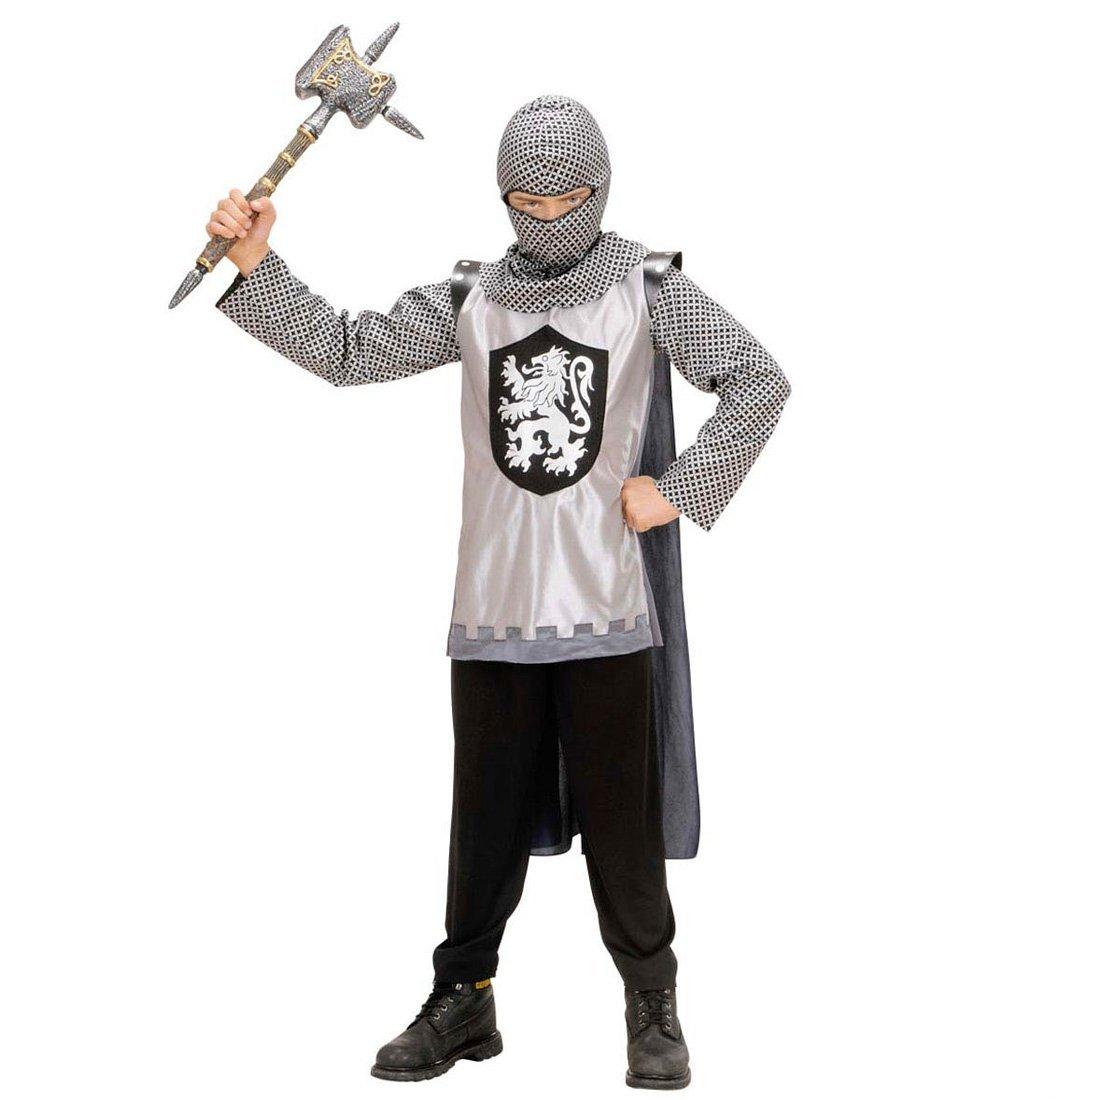 Martello da vichingo arma da guerra 56 cm mazza guerriero Medioevo in plastica accessori costumi carnevale - 56 cm NET TOYS